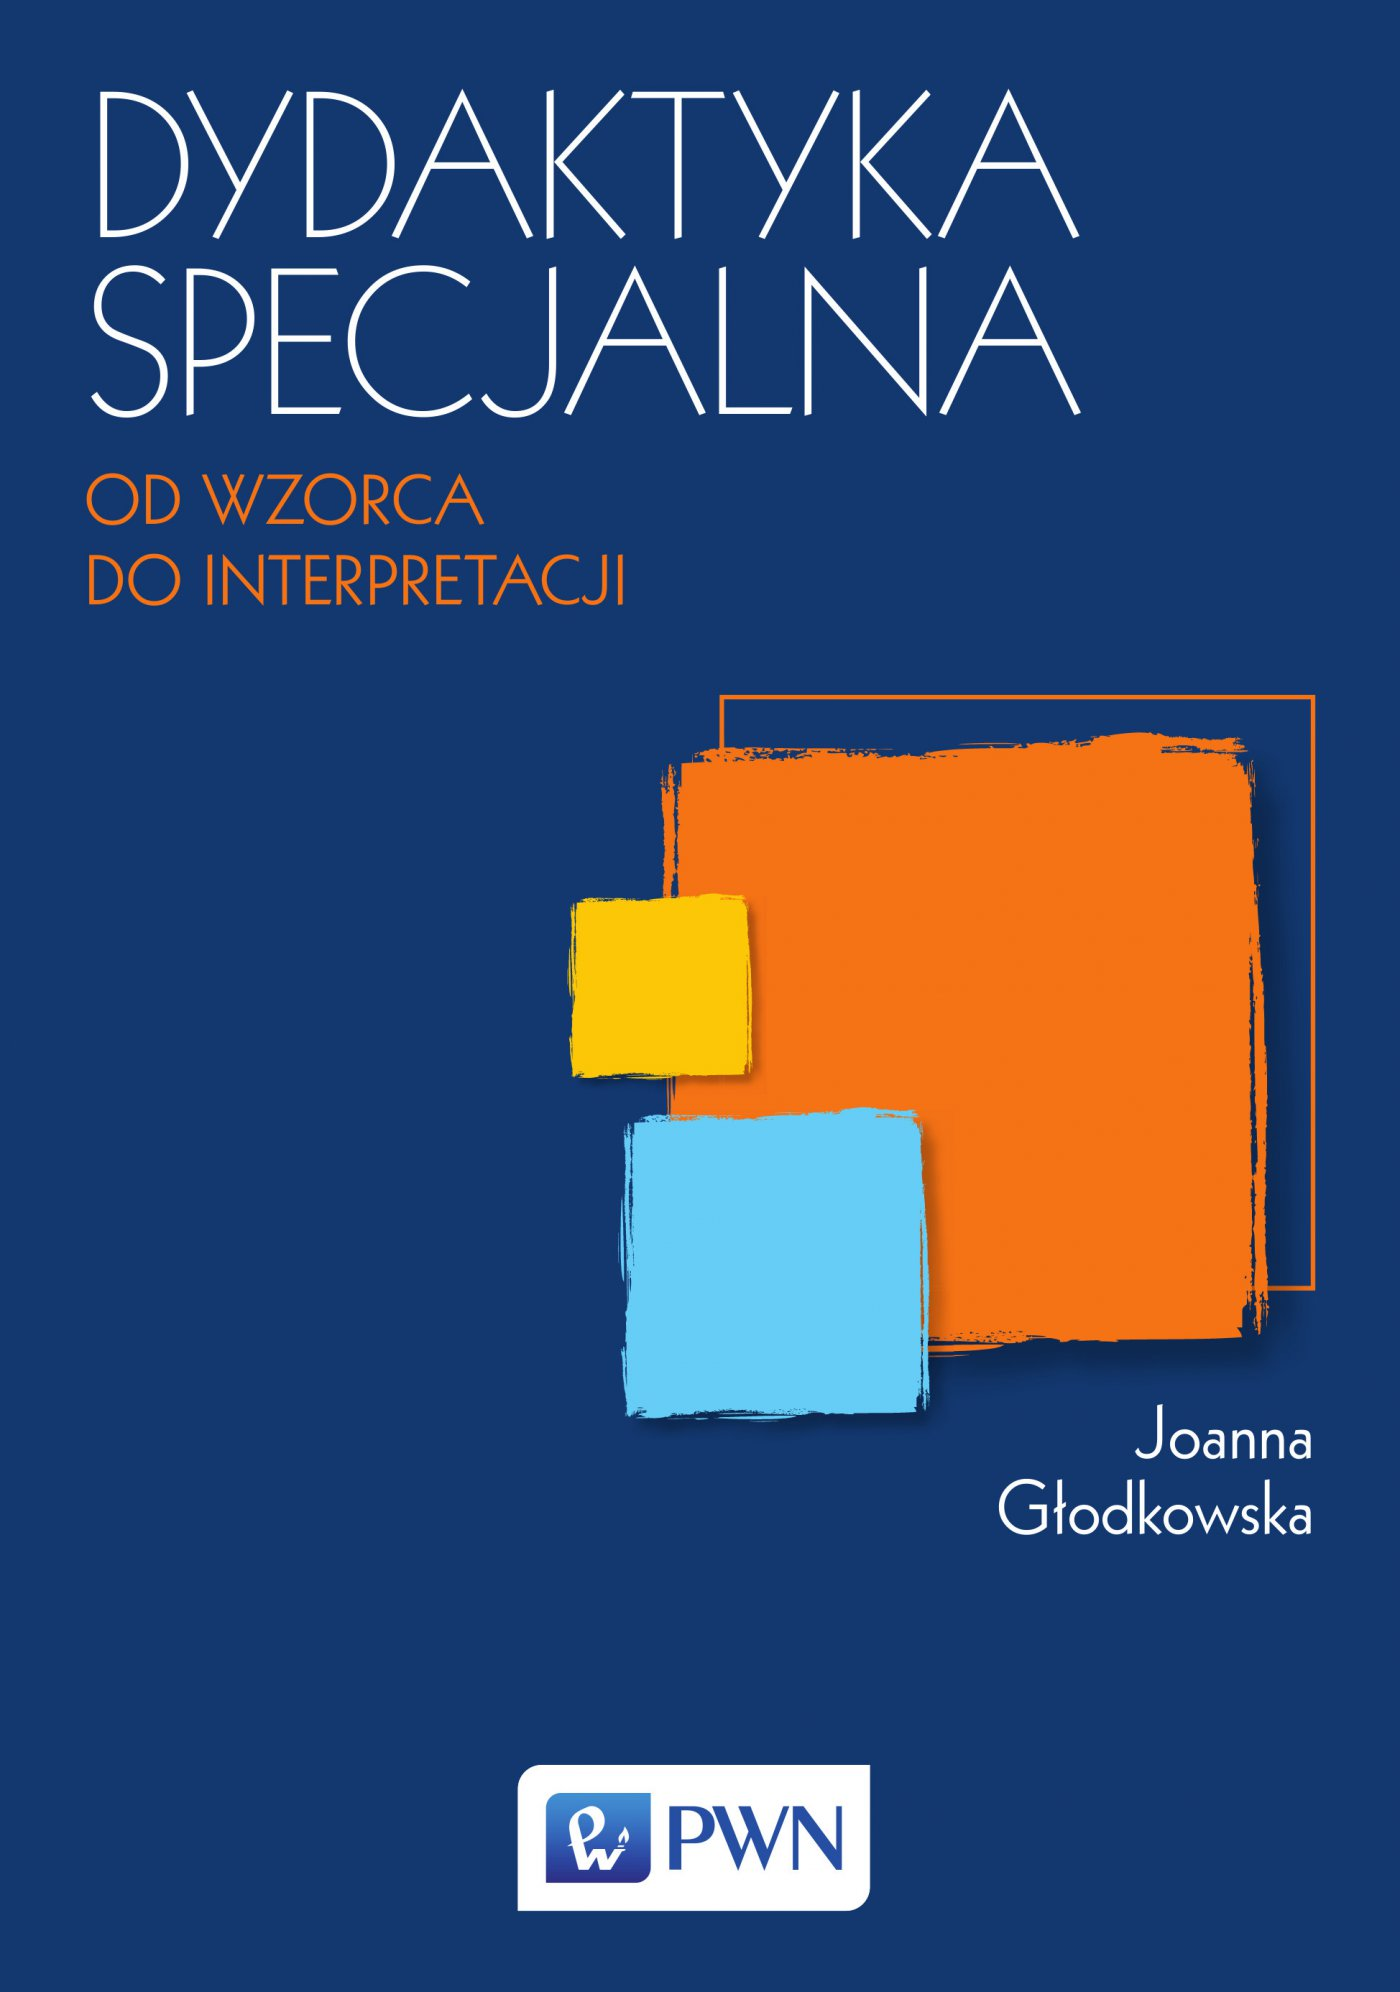 Dydaktyka specjalna. Od wzorca do interpretacji. Tom 1 - Ebook (Książka na Kindle) do pobrania w formacie MOBI